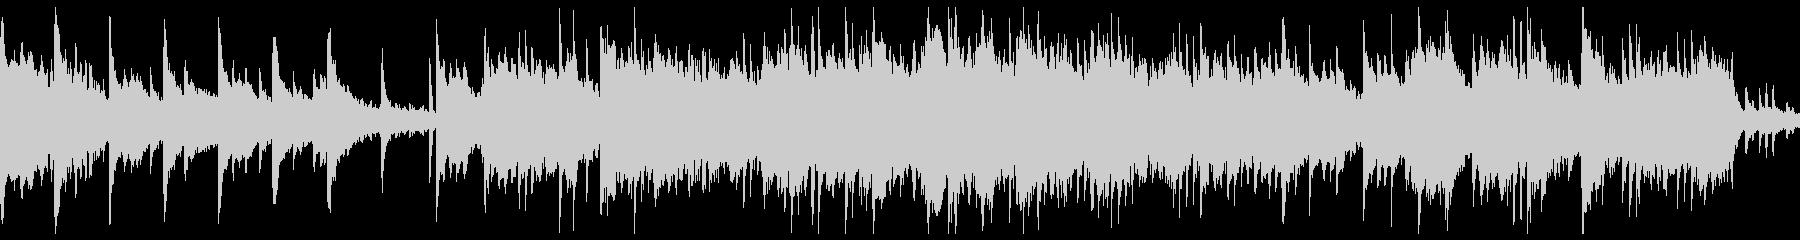 ピアノとサックスのリラックスBGMの未再生の波形